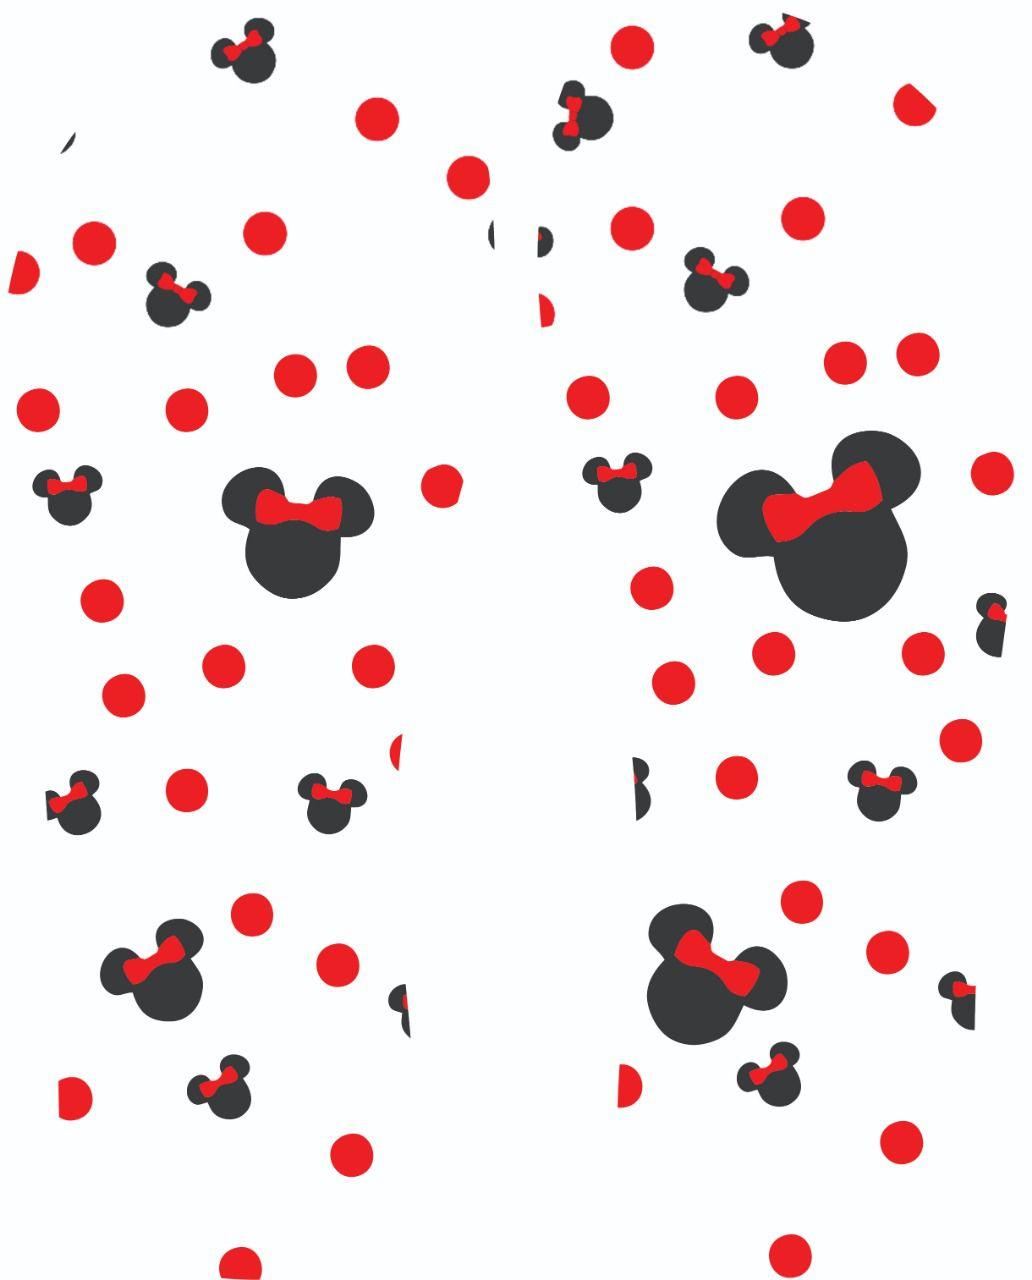 30 Quadrados de Borracha Top+ Estampado + Brinde de 30 pares de alças - INFANTIL - Modelo Minie  - INBOP - Indústria de Borrachas e Polímeros